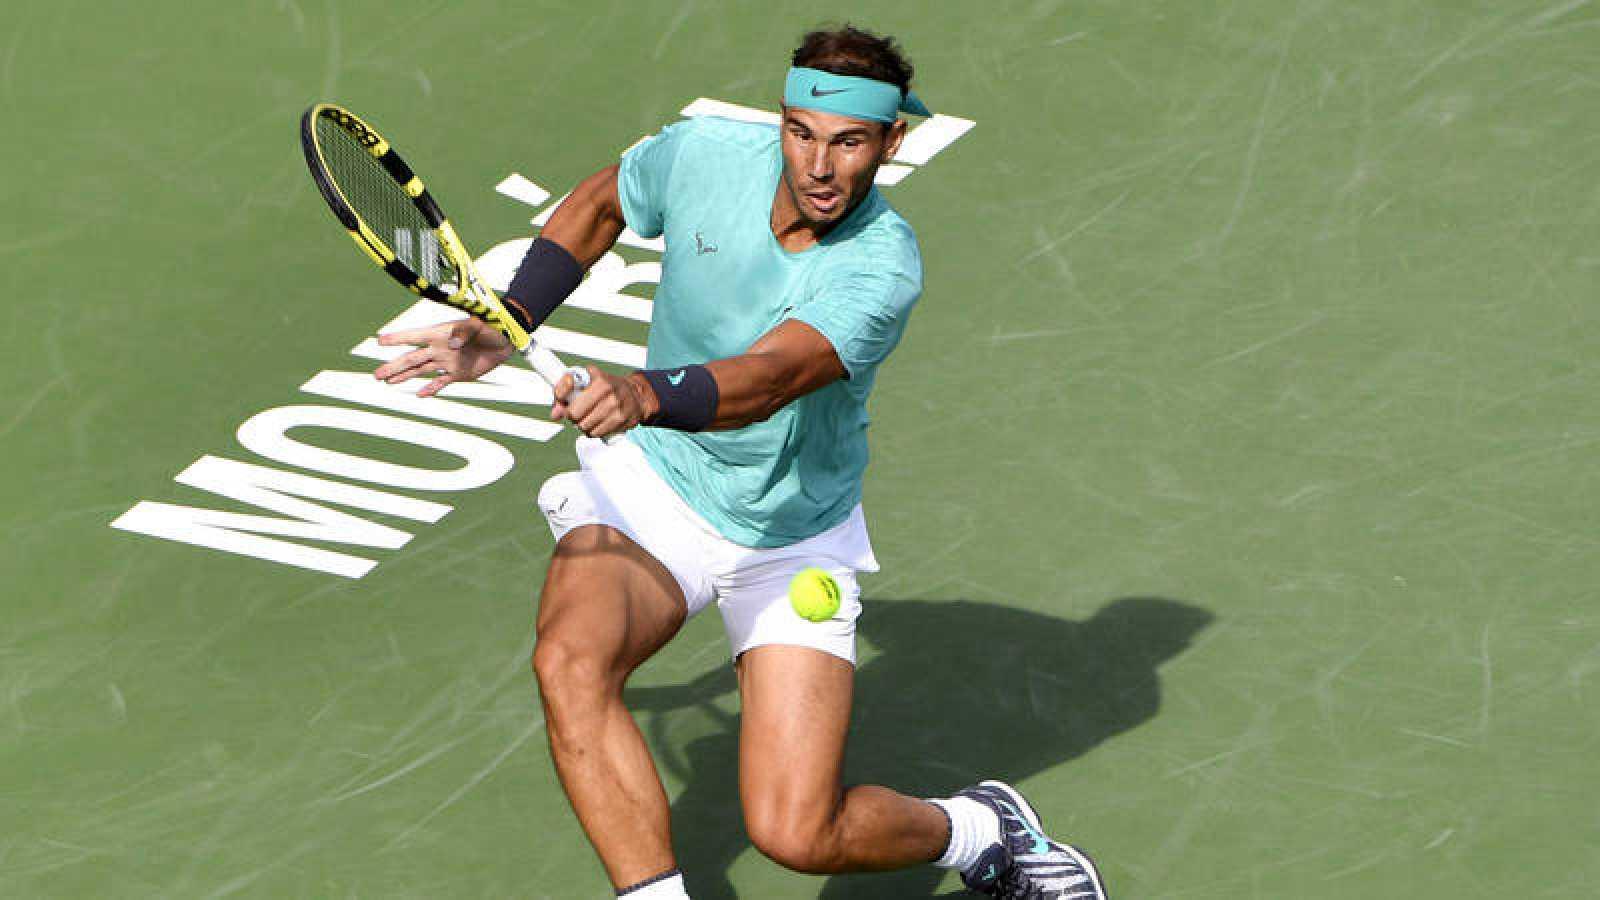 El tenista español Rafa Nadal, en la final del Masters 1000 de Montreal.